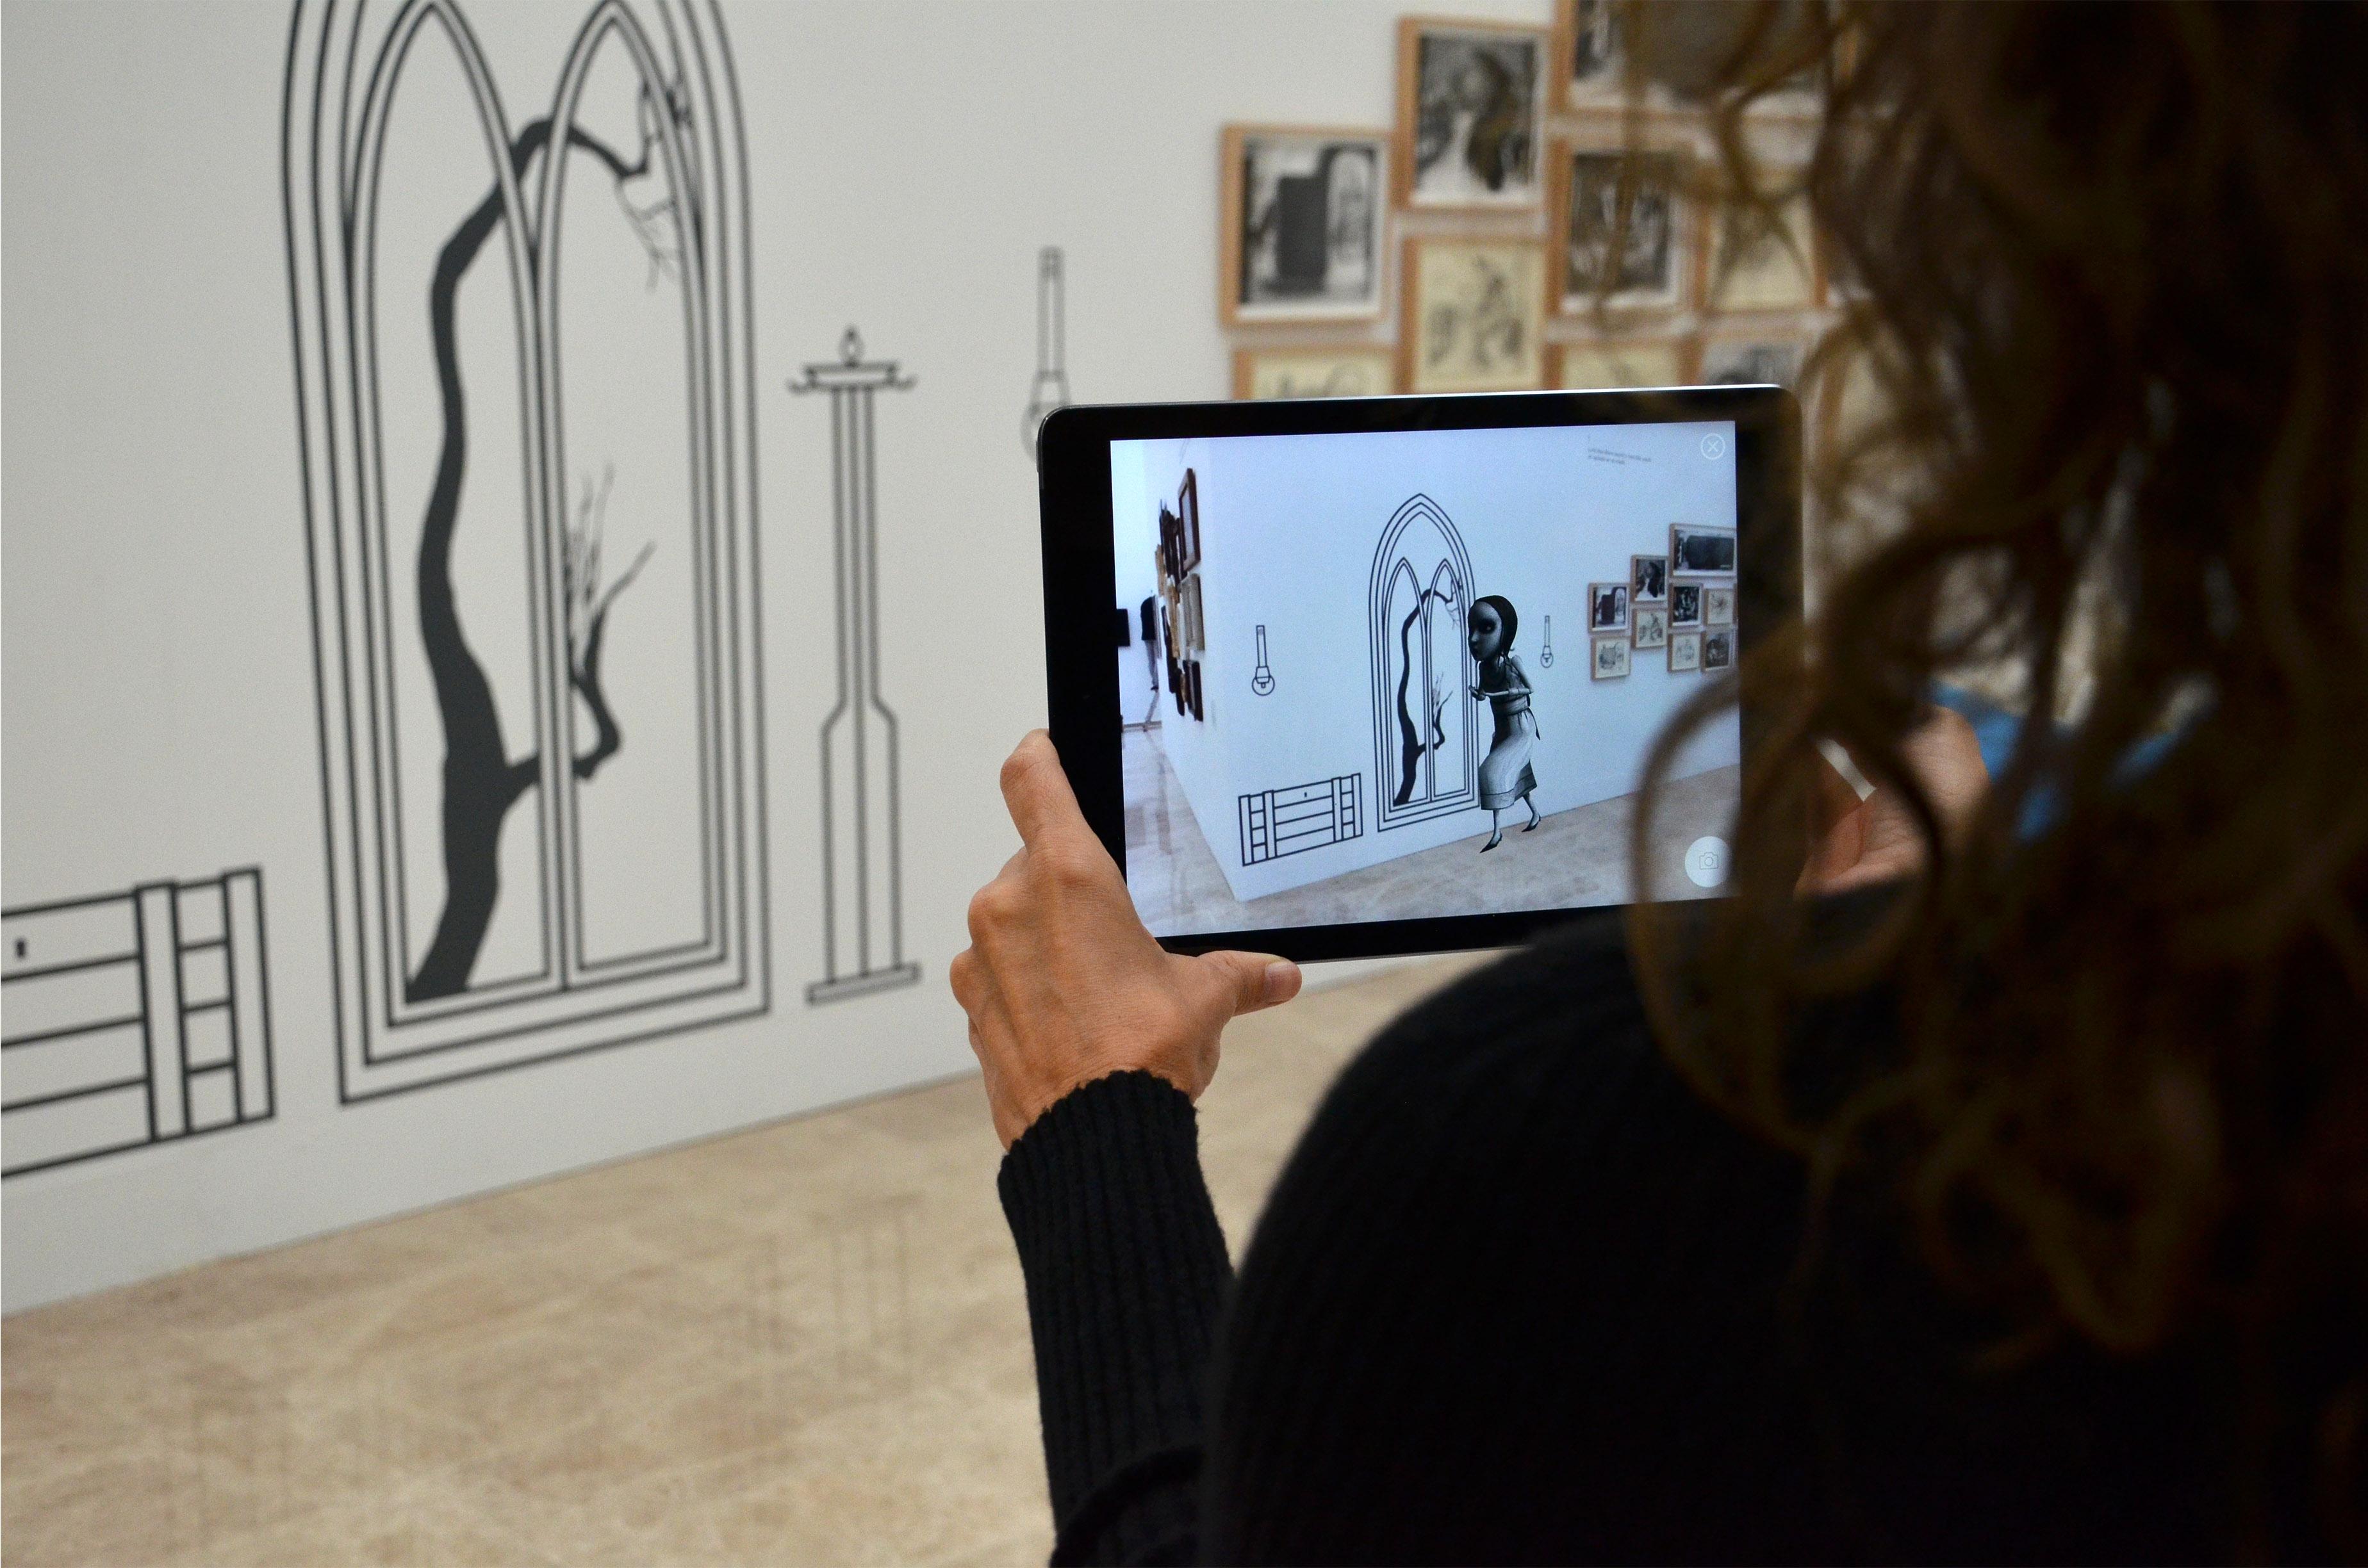 Exposición Ana Juan. Dibujando al otro lado, con tecnología de RA desarrollada por el grupo UNIT de la UPV